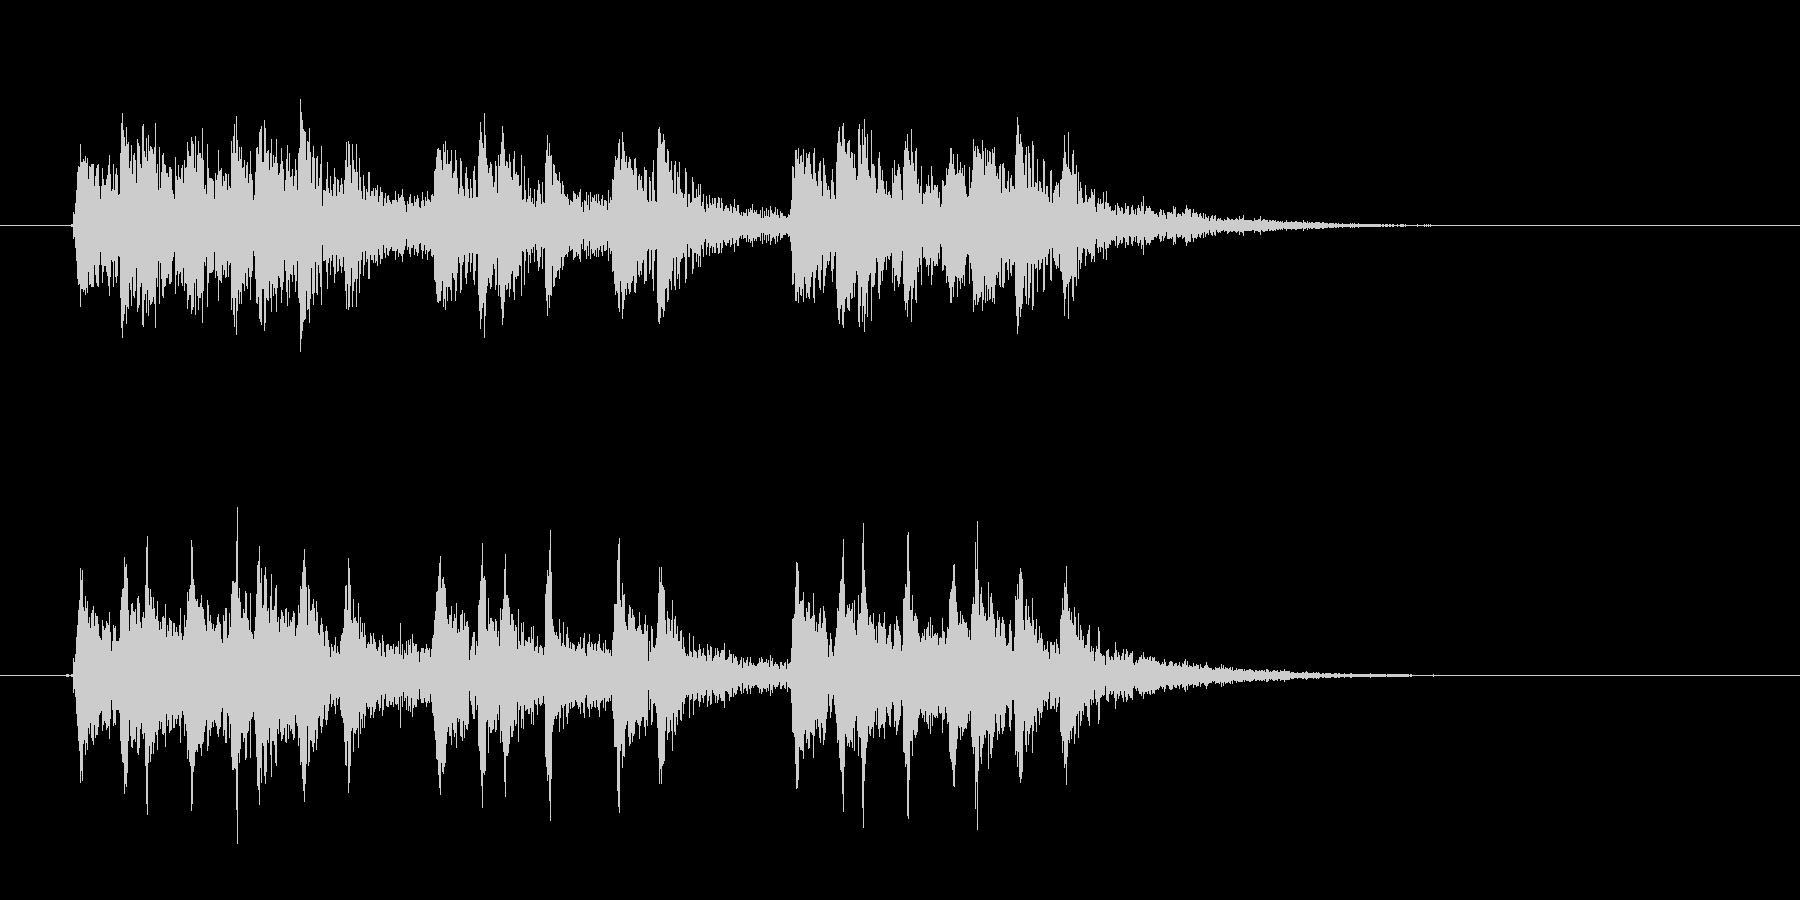 激しくキラキラとしたテクノ音楽の未再生の波形